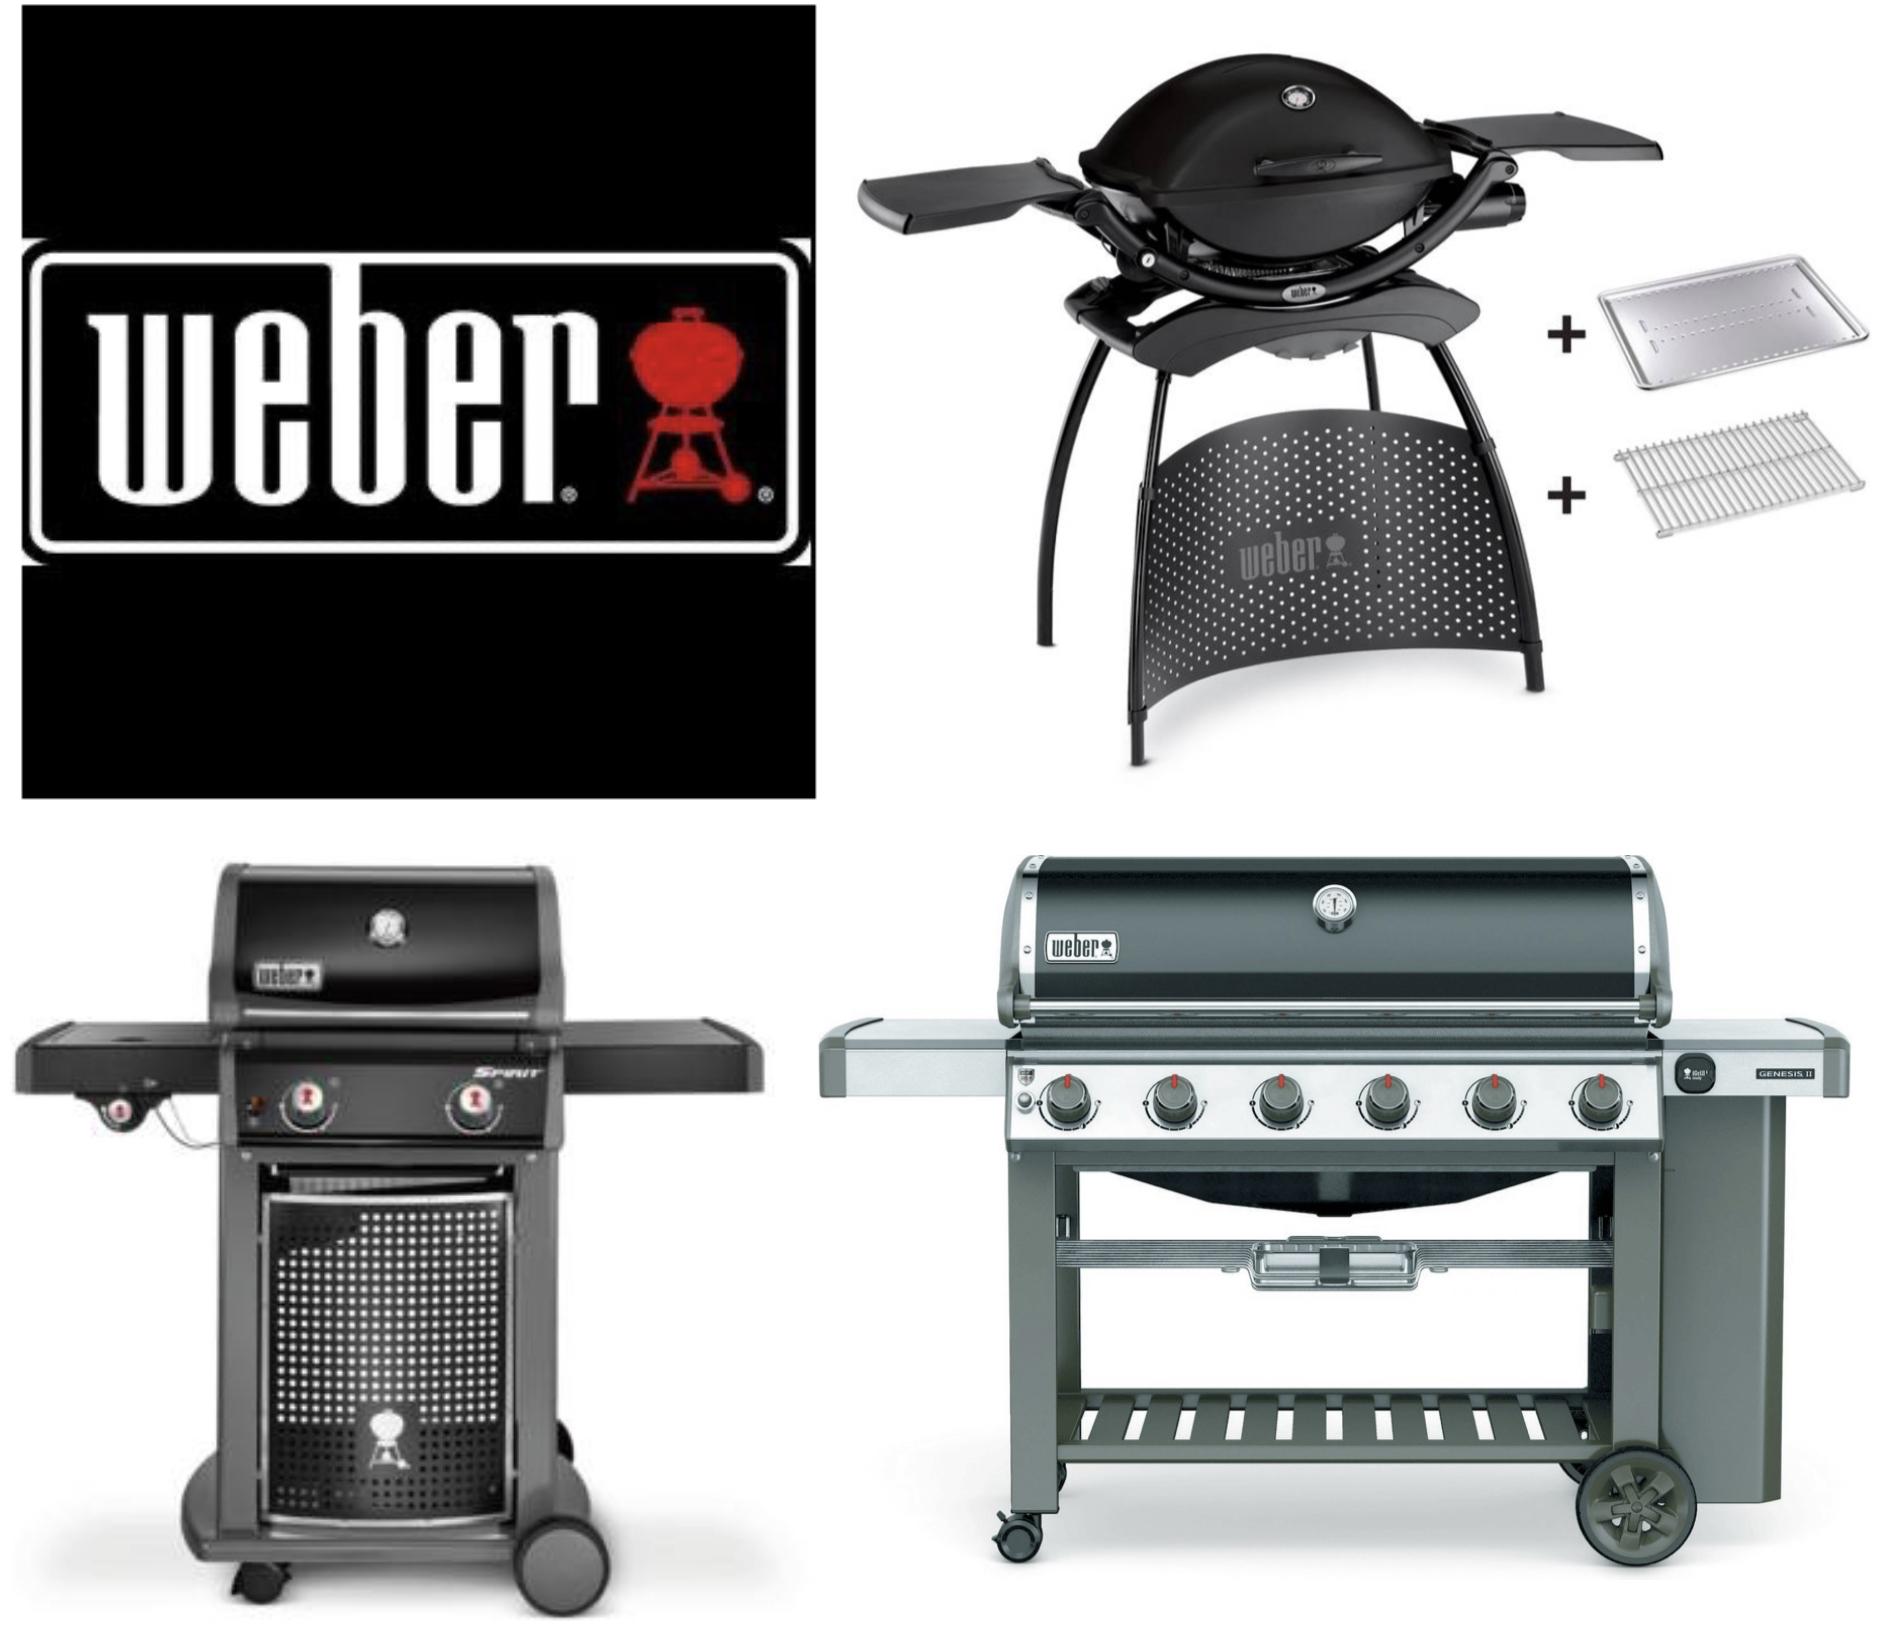 Weber Grills zu guten Preisen z.B. Spirit E-220 Classic für 381,65€ / Q 2200 + Stand + Hitzeschild + Bratenrost für 339,15€ und weitere